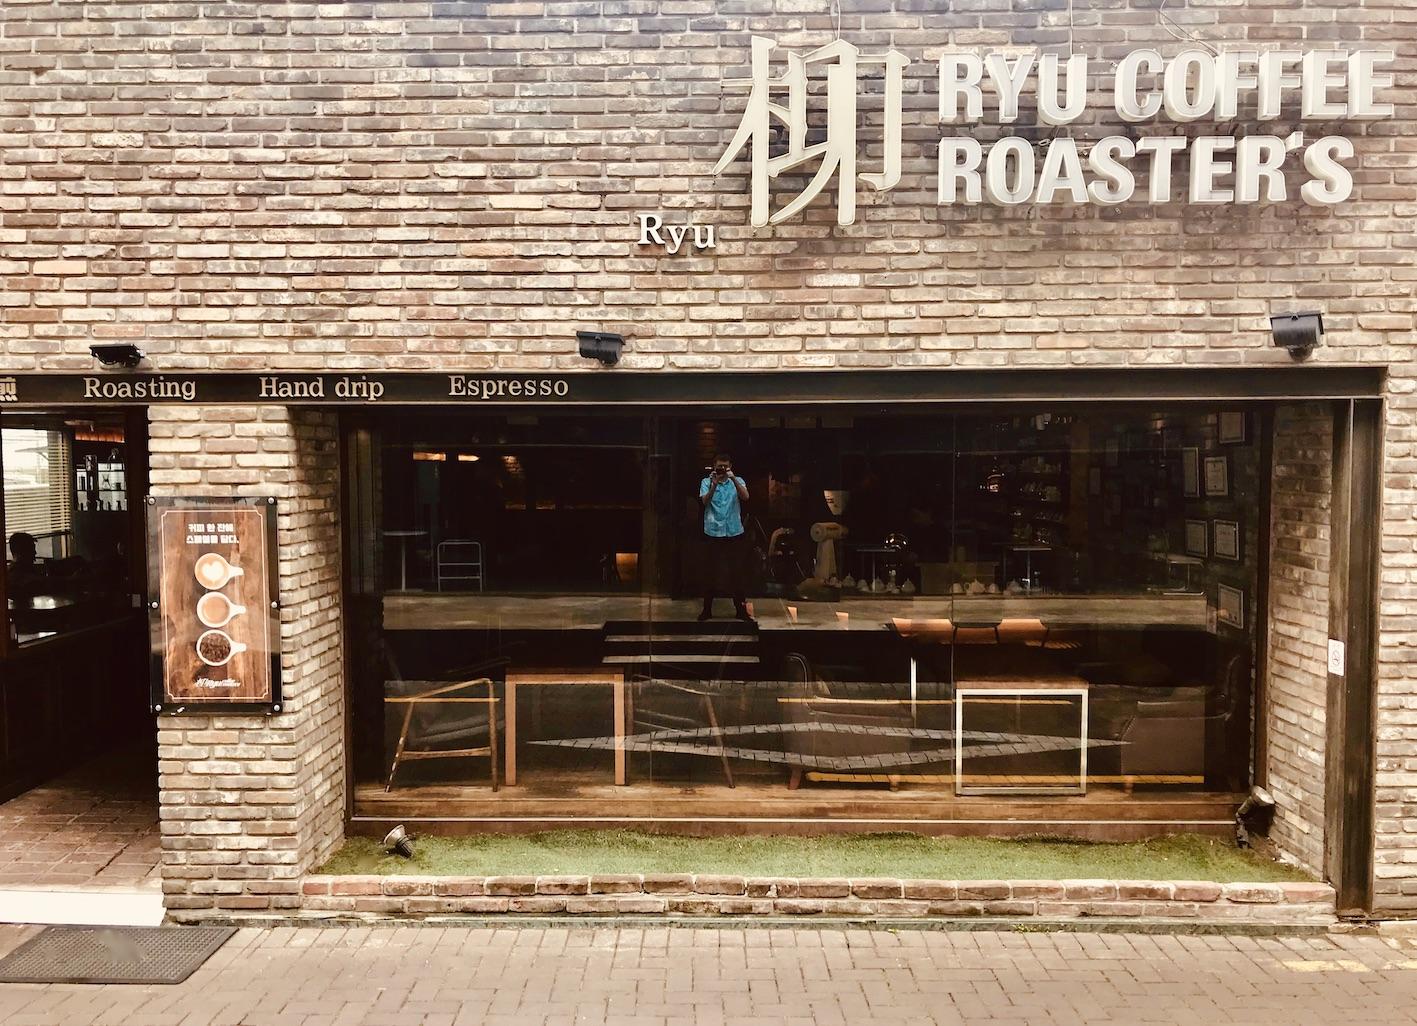 Ryu Coffee Roasters Daegu.